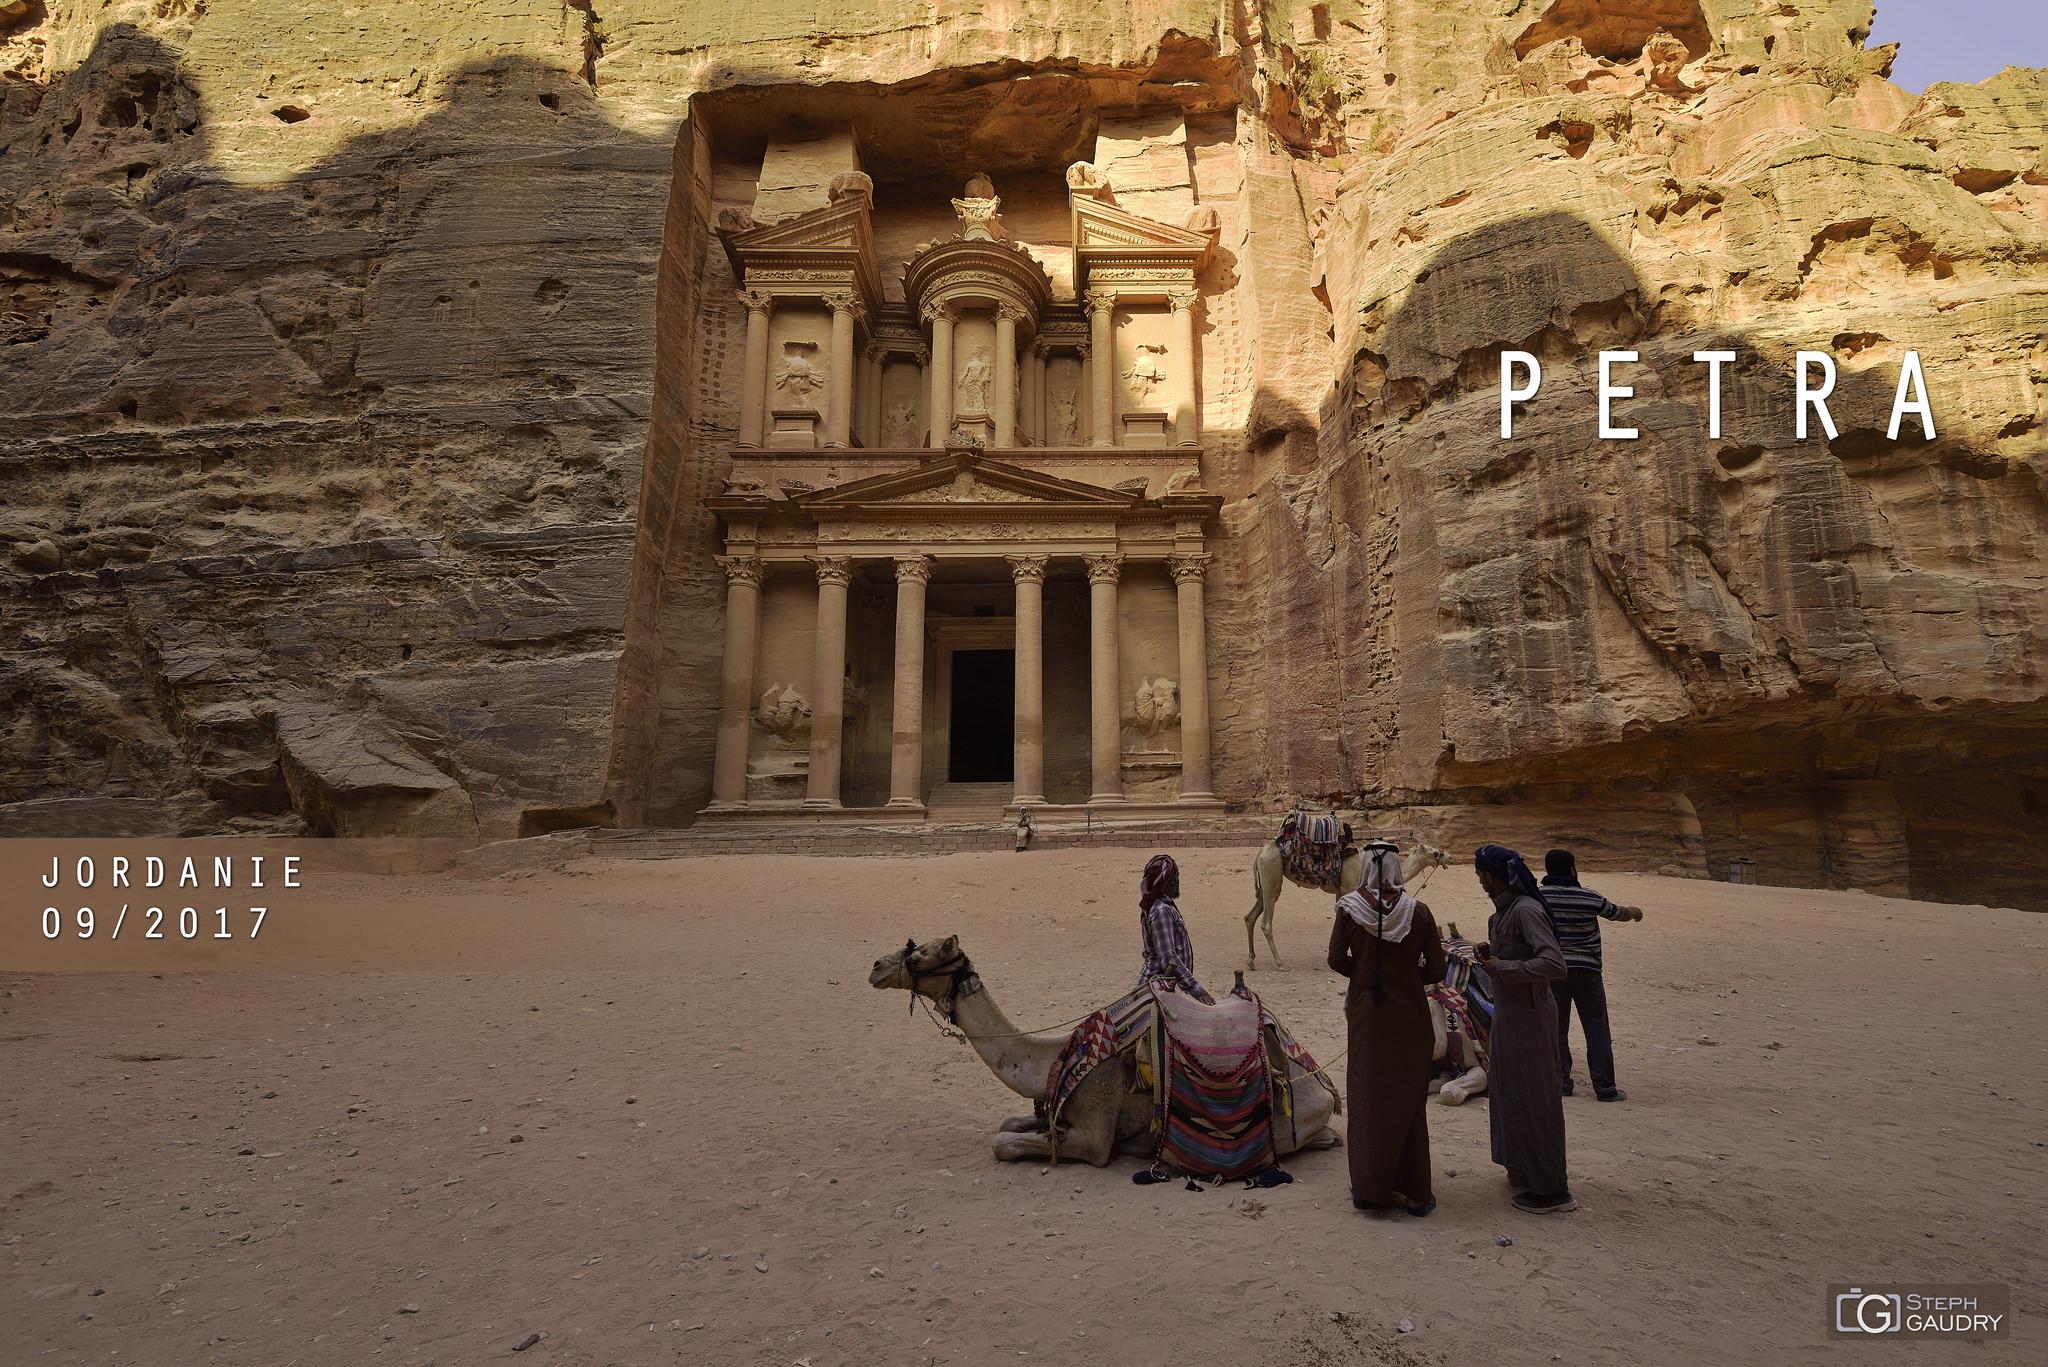 La Khazneh à Petra. [Cliquez pour lancer le diaporama]